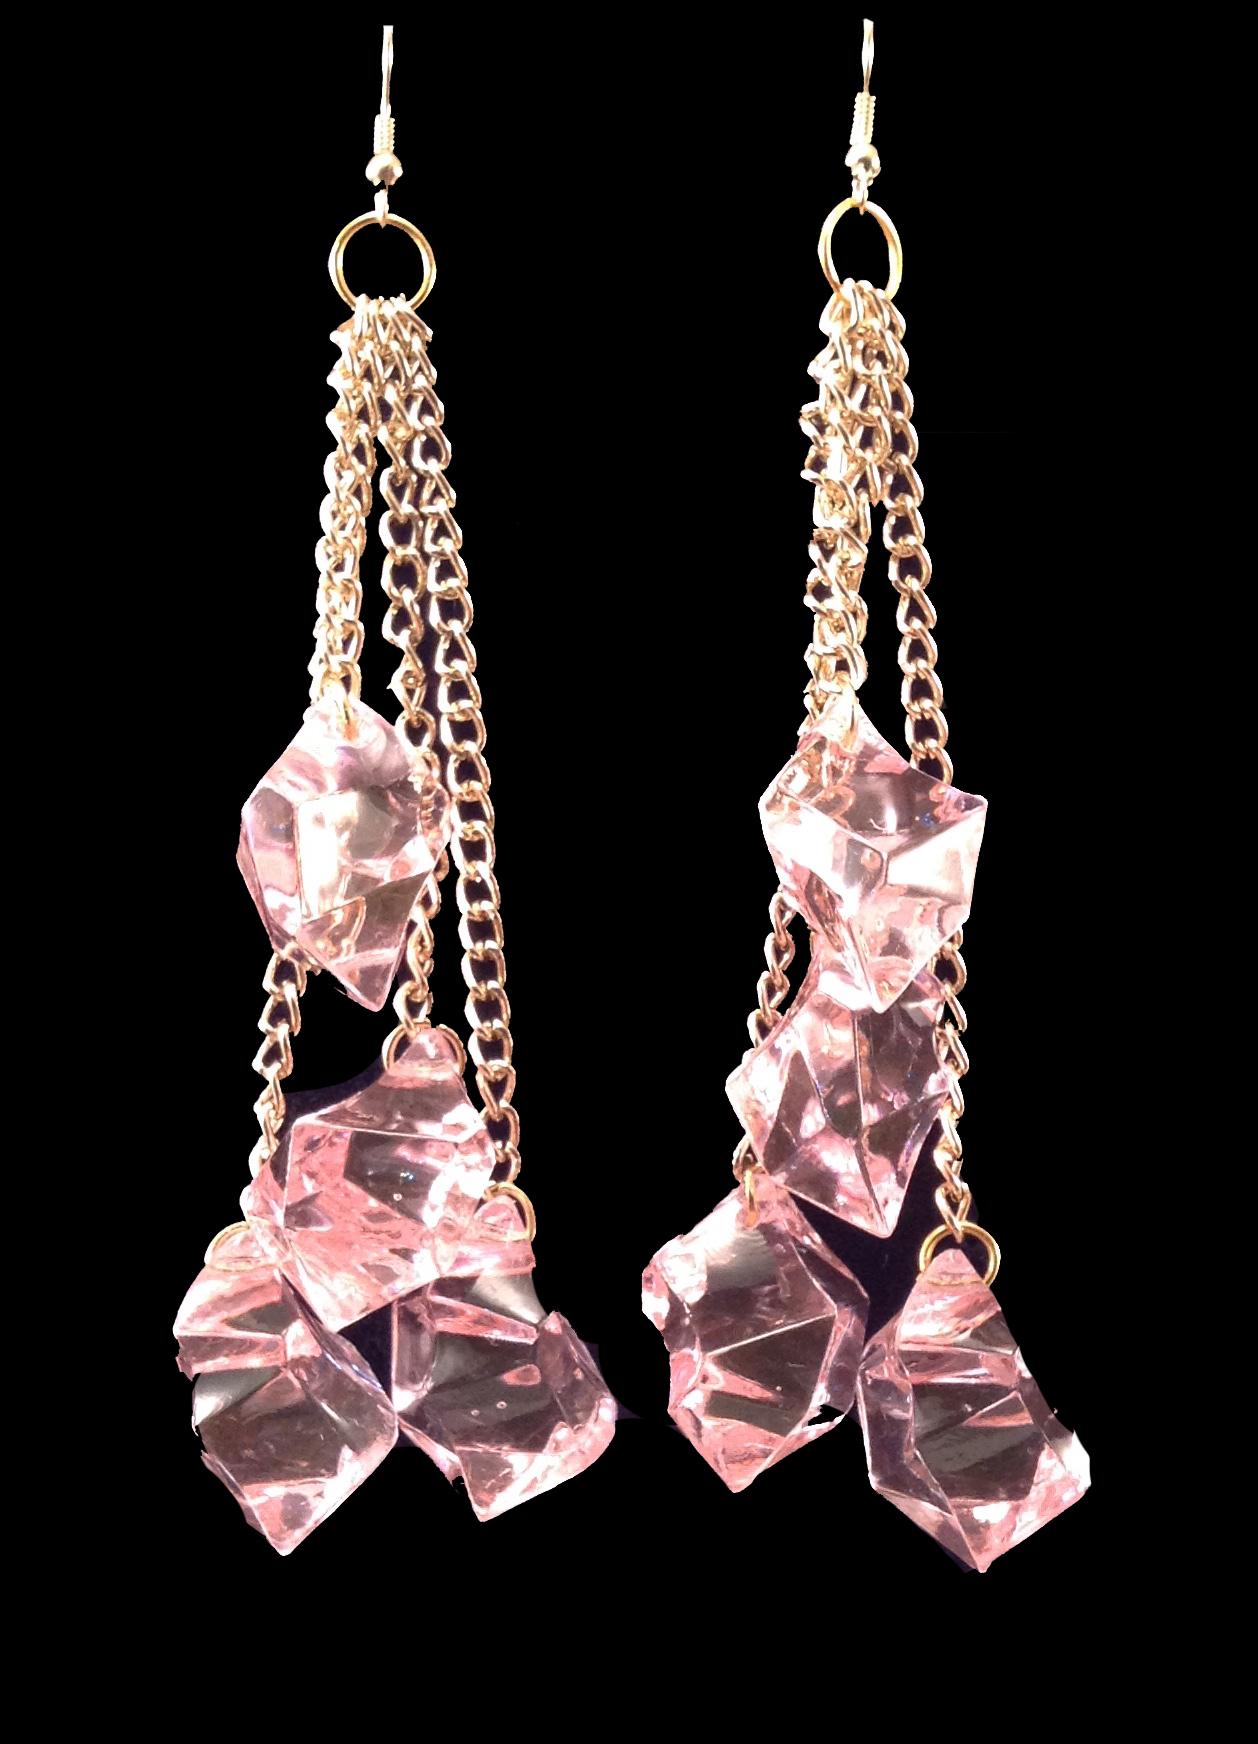 Pinkice earrings